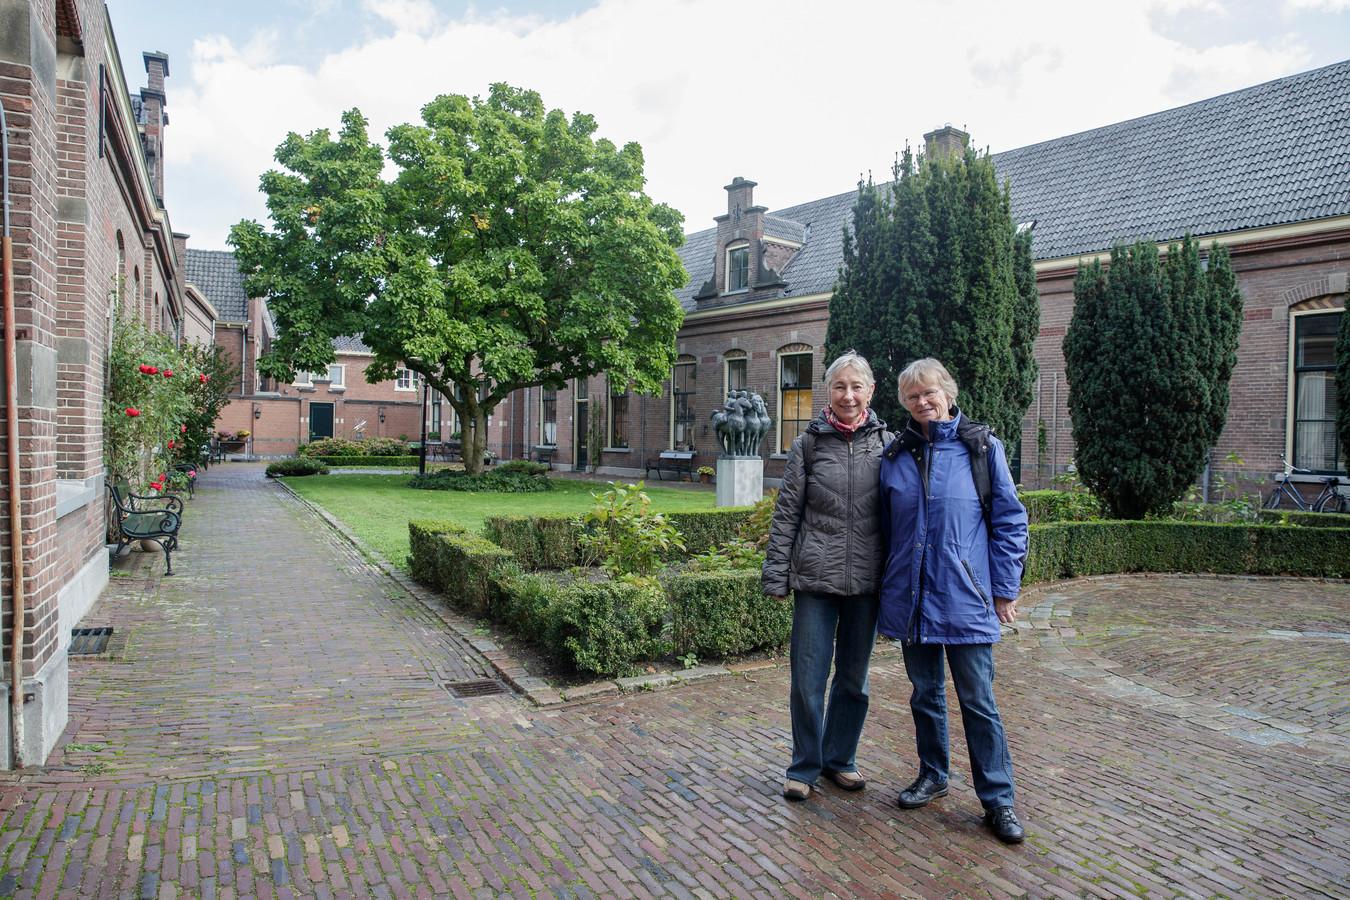 Anita Maas (links) en Petra Vervoort willen een ouderenhofje creëren, midden in Zutphen. Met niet meer dan twintig koopwoningen om een binnentuin, met een aantal gemeenschappelijke voorzieningen zoals een ontmoetingsruimte en een logeerkamer. Locaties hebben ze al op het oog, nu nog meerdere ouderen.